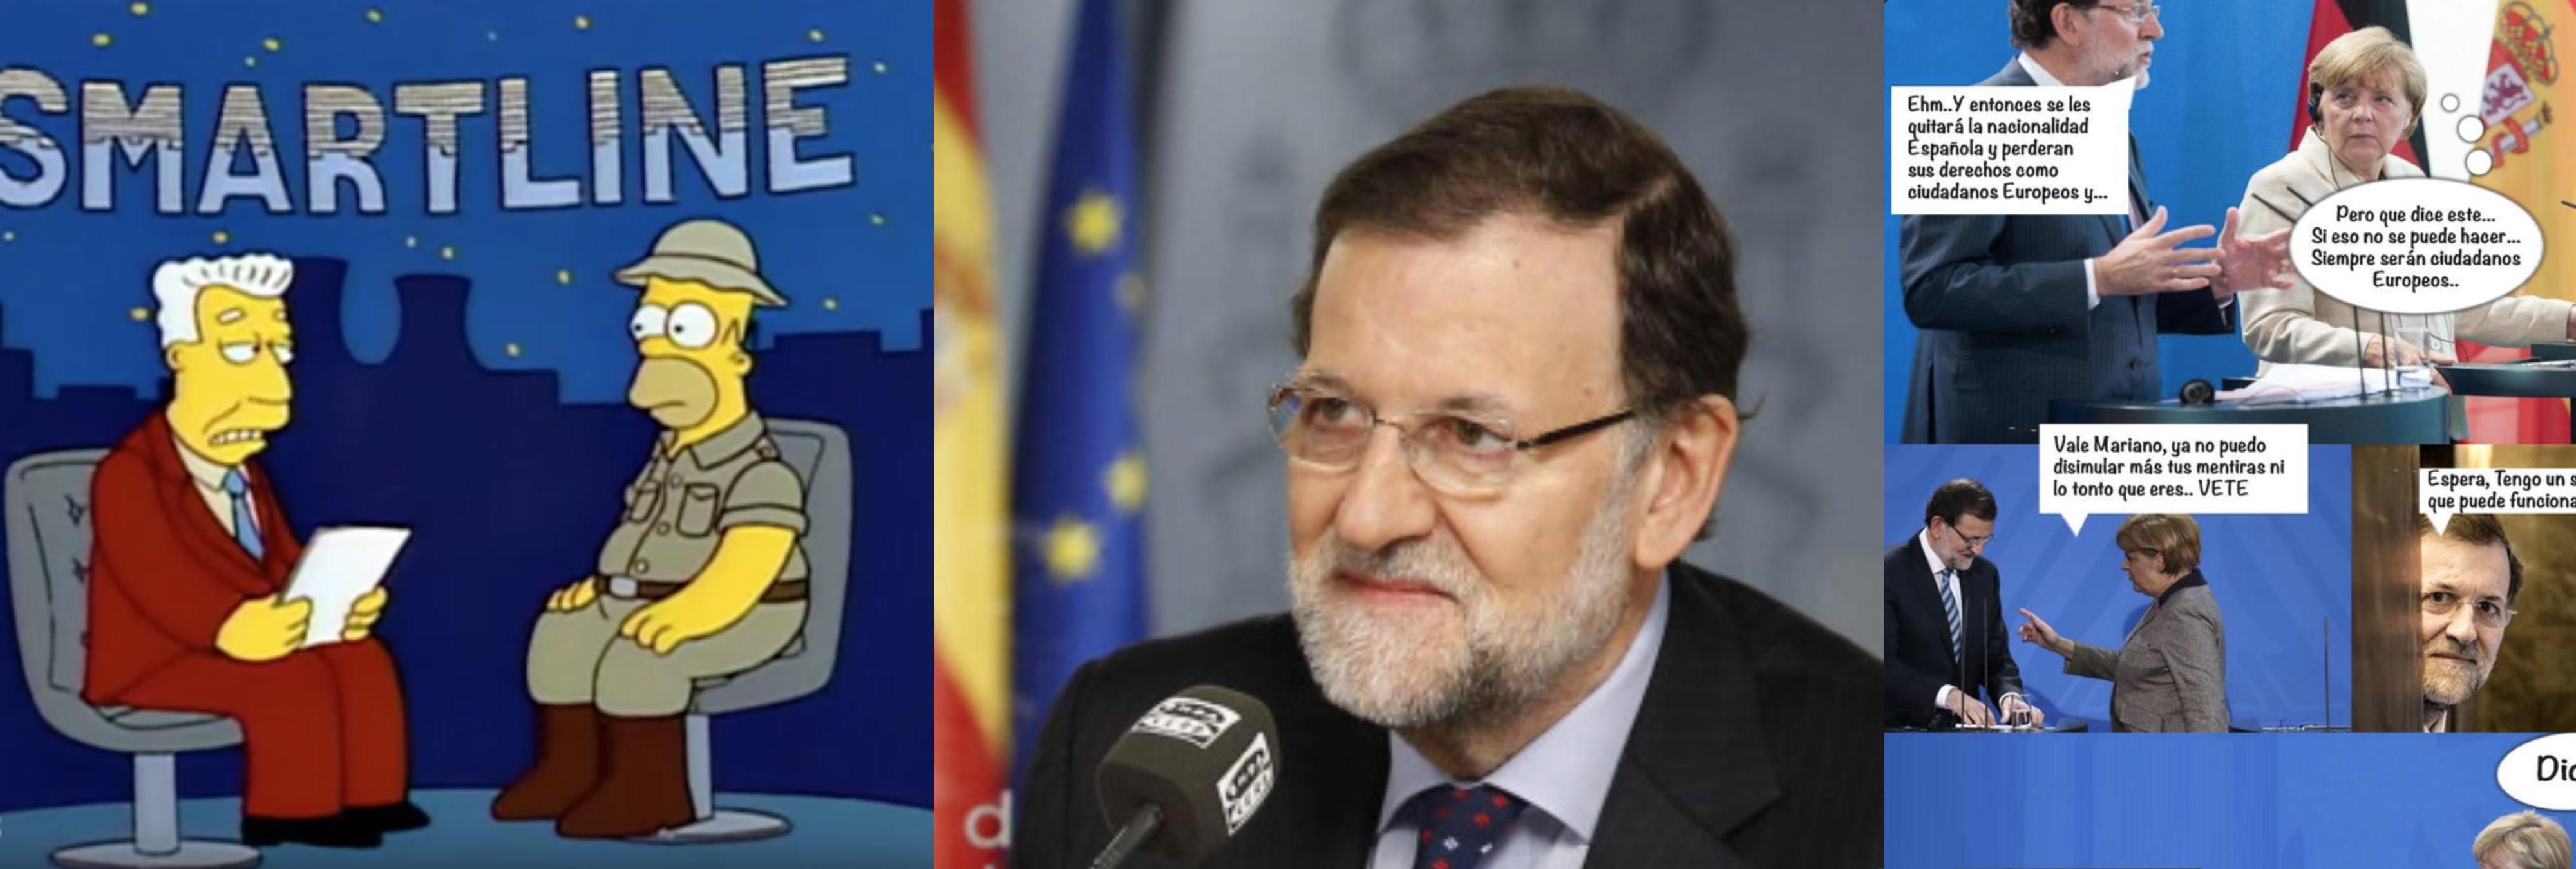 Los mejores memes de Rajoy y su lío con la nacionalidad española